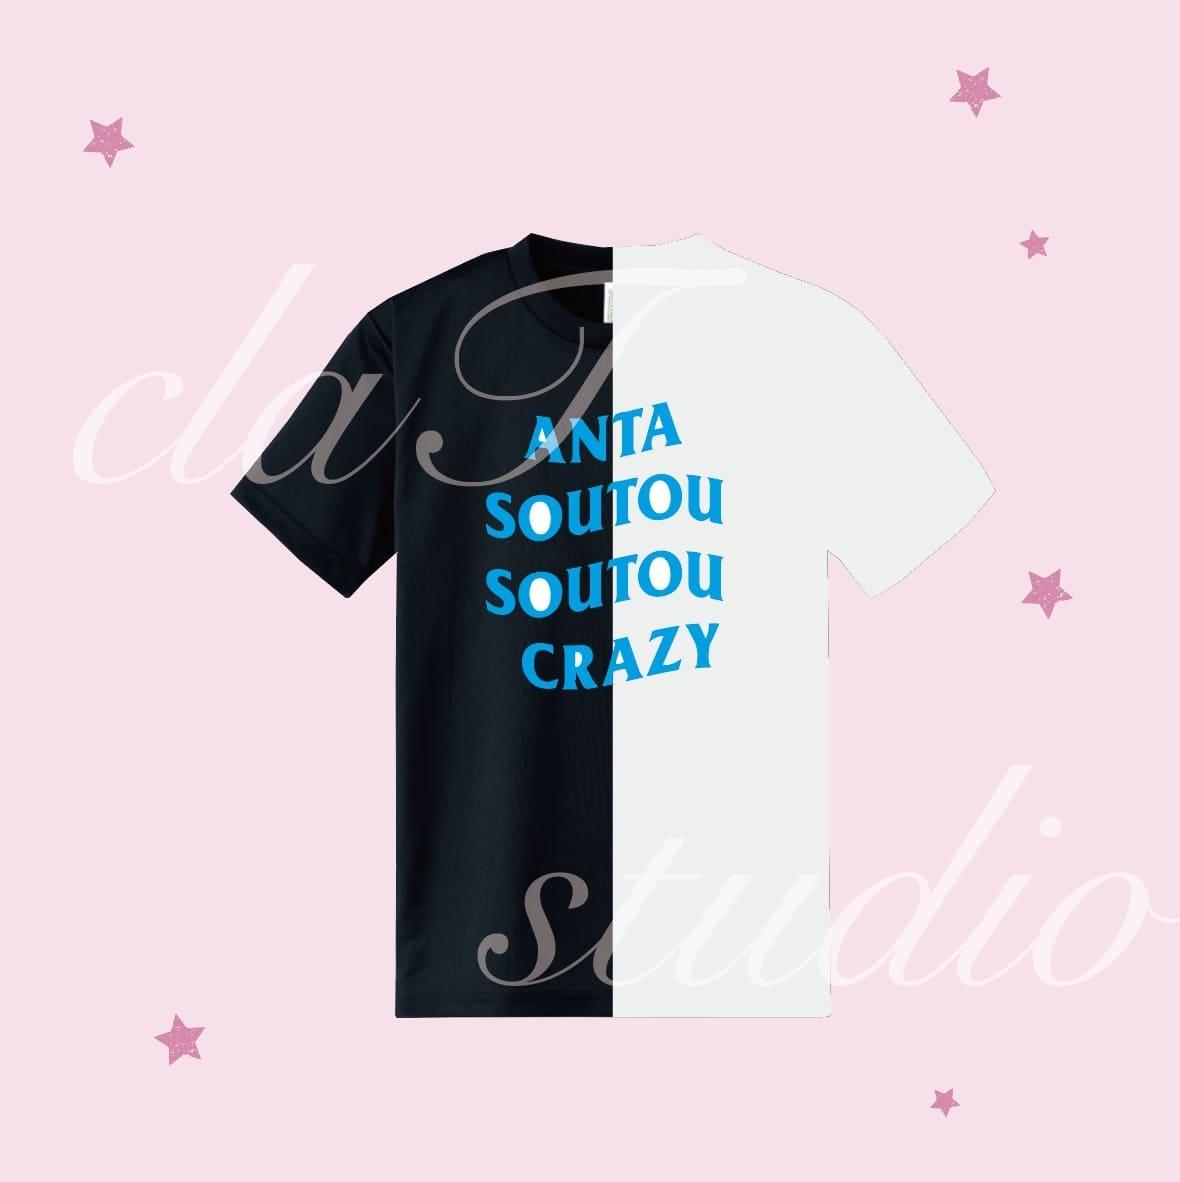 アンチソーシャル_design_0003